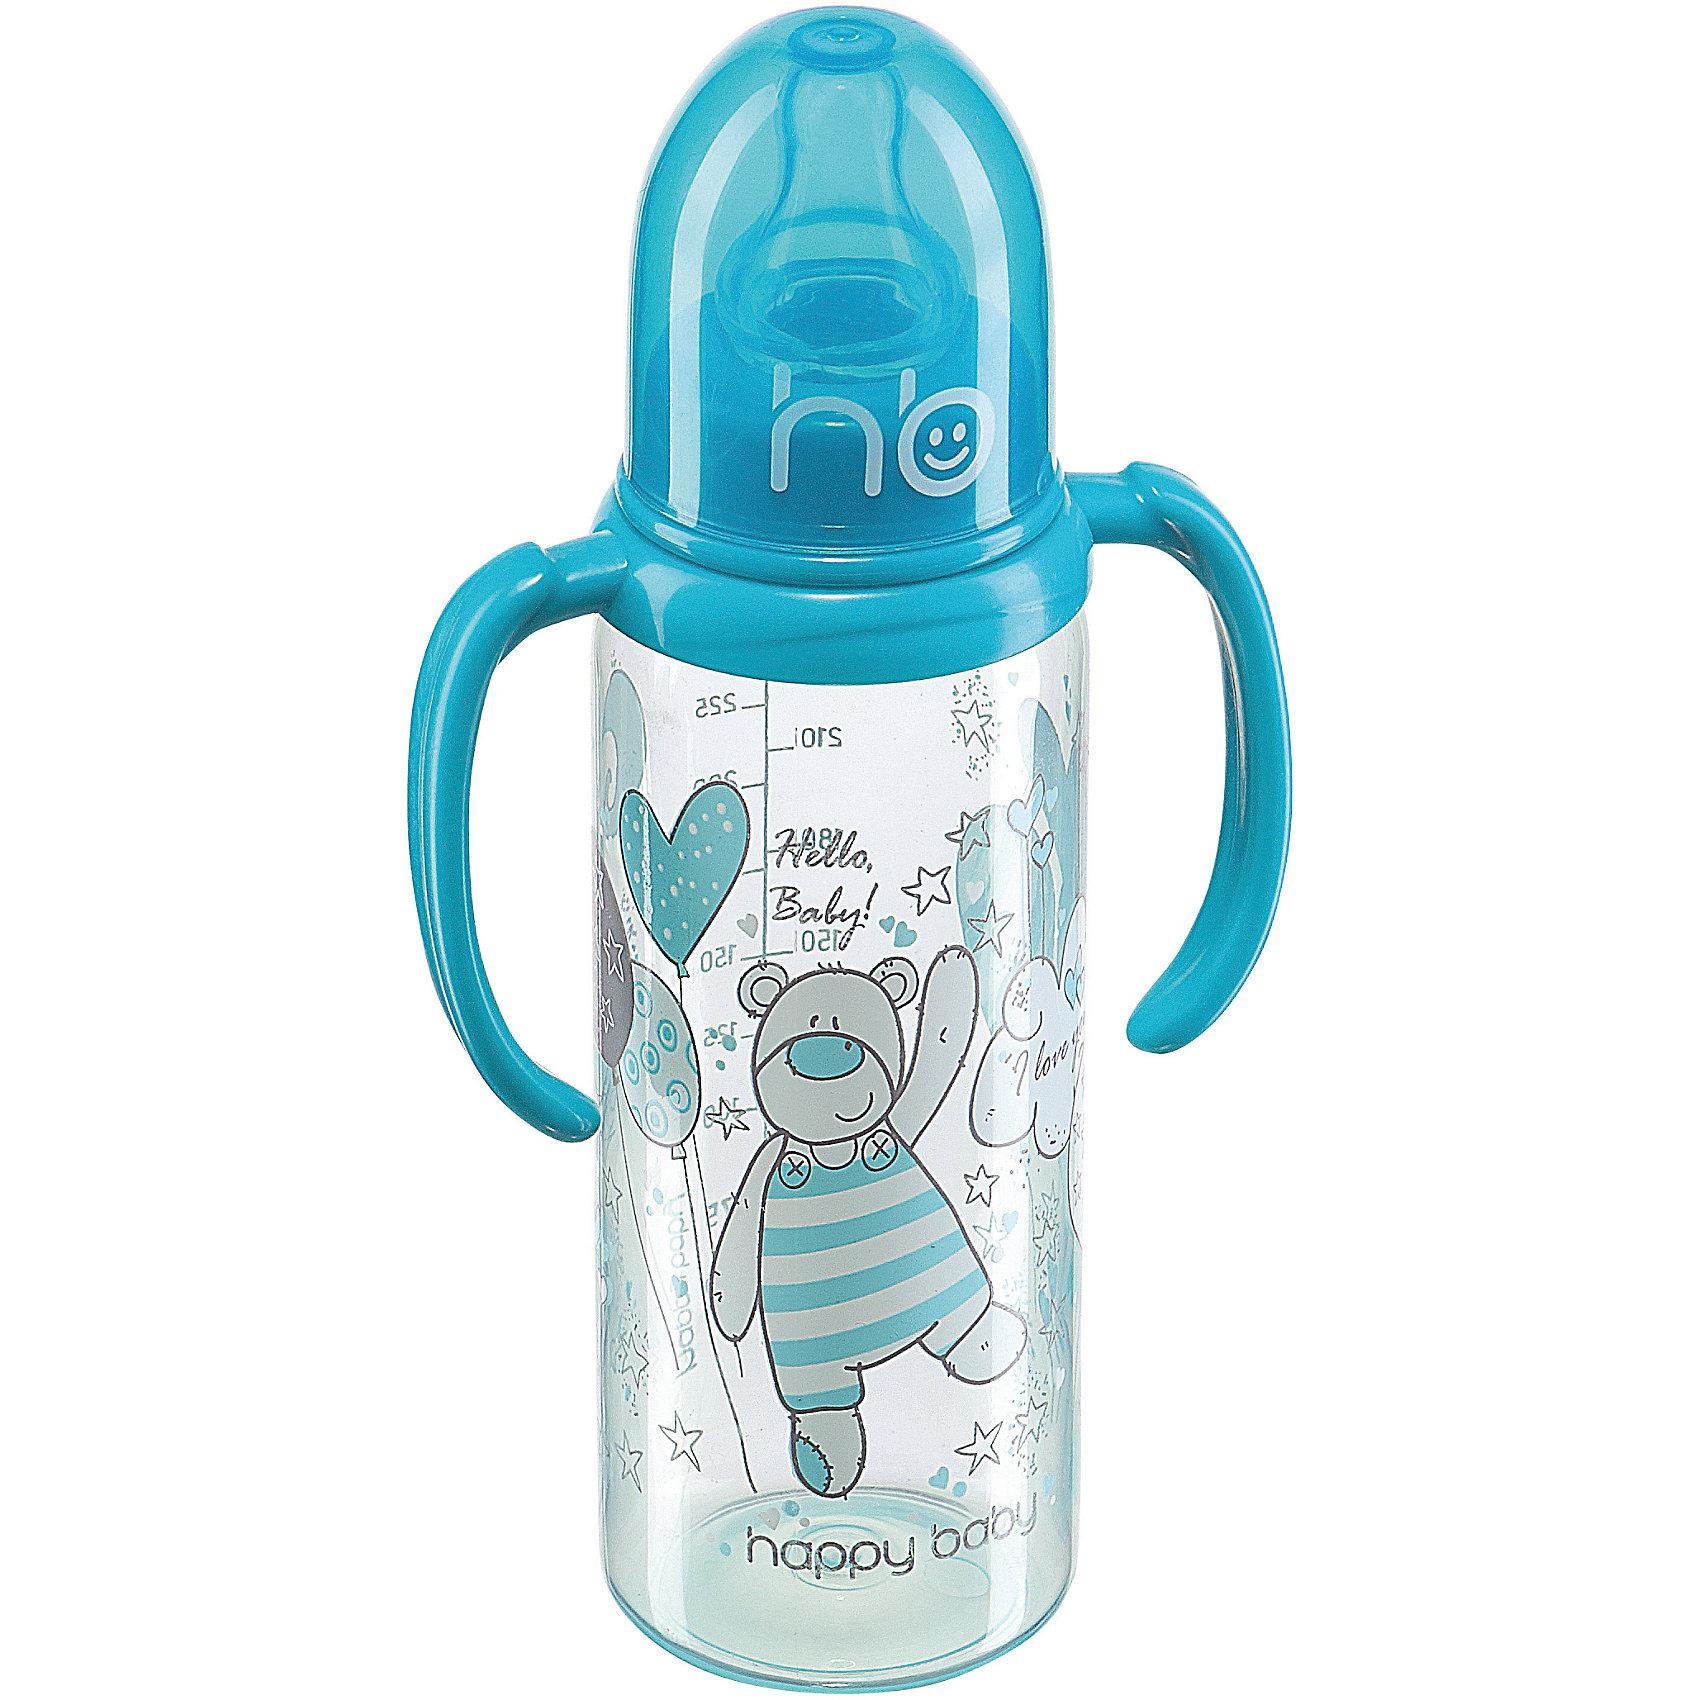 Бутылочка с двумя силиконовыми сосками, 250 мл, Happy Baby, голубойБутылочки и аксессуары<br>Бутылочка с двумя силиконовыми сосками, 250 мл, Happy Baby, голубой<br>Бутылочка с узким горлышком. Благодаря классической форме ее удобно мыть, хранить и держать. Вместе с бутылочкой в комплекте идут две силиконовые соски, которые не травмируют десны и подают молоко равными порциями. Защитный колпачок предохраняет содержимое от случайного вытекания. Градуированная шкала позволяет легко дозировать содержимое. Трогательные рисунки подарят вашему крохе радость и яркие впечатления. Ручки съёмные, благодаря эргономичной форме их удобно держать в руке.<br><br>Дополнительная информация:<br><br>- Объем: 250 мл. <br>- Возраст: 0 (при использовании без ручек)<br>- Шкала с делениями в 25 мл.<br>- Материал: полипропилен, силикон<br>- Цвет: голубой<br>- Можно использовать в микроволновой печи, но разогревать в СВЧ-печи без соски<br>- Можно мыть в посудомоечной машине<br><br>Бутылочку с двумя силиконовыми сосками, 250 мл, Happy Baby, голубую можно купить в нашем интернет-магазине.<br><br>Ширина мм: 105<br>Глубина мм: 70<br>Высота мм: 215<br>Вес г: 66<br>Возраст от месяцев: 0<br>Возраст до месяцев: 36<br>Пол: Мужской<br>Возраст: Детский<br>SKU: 4047240